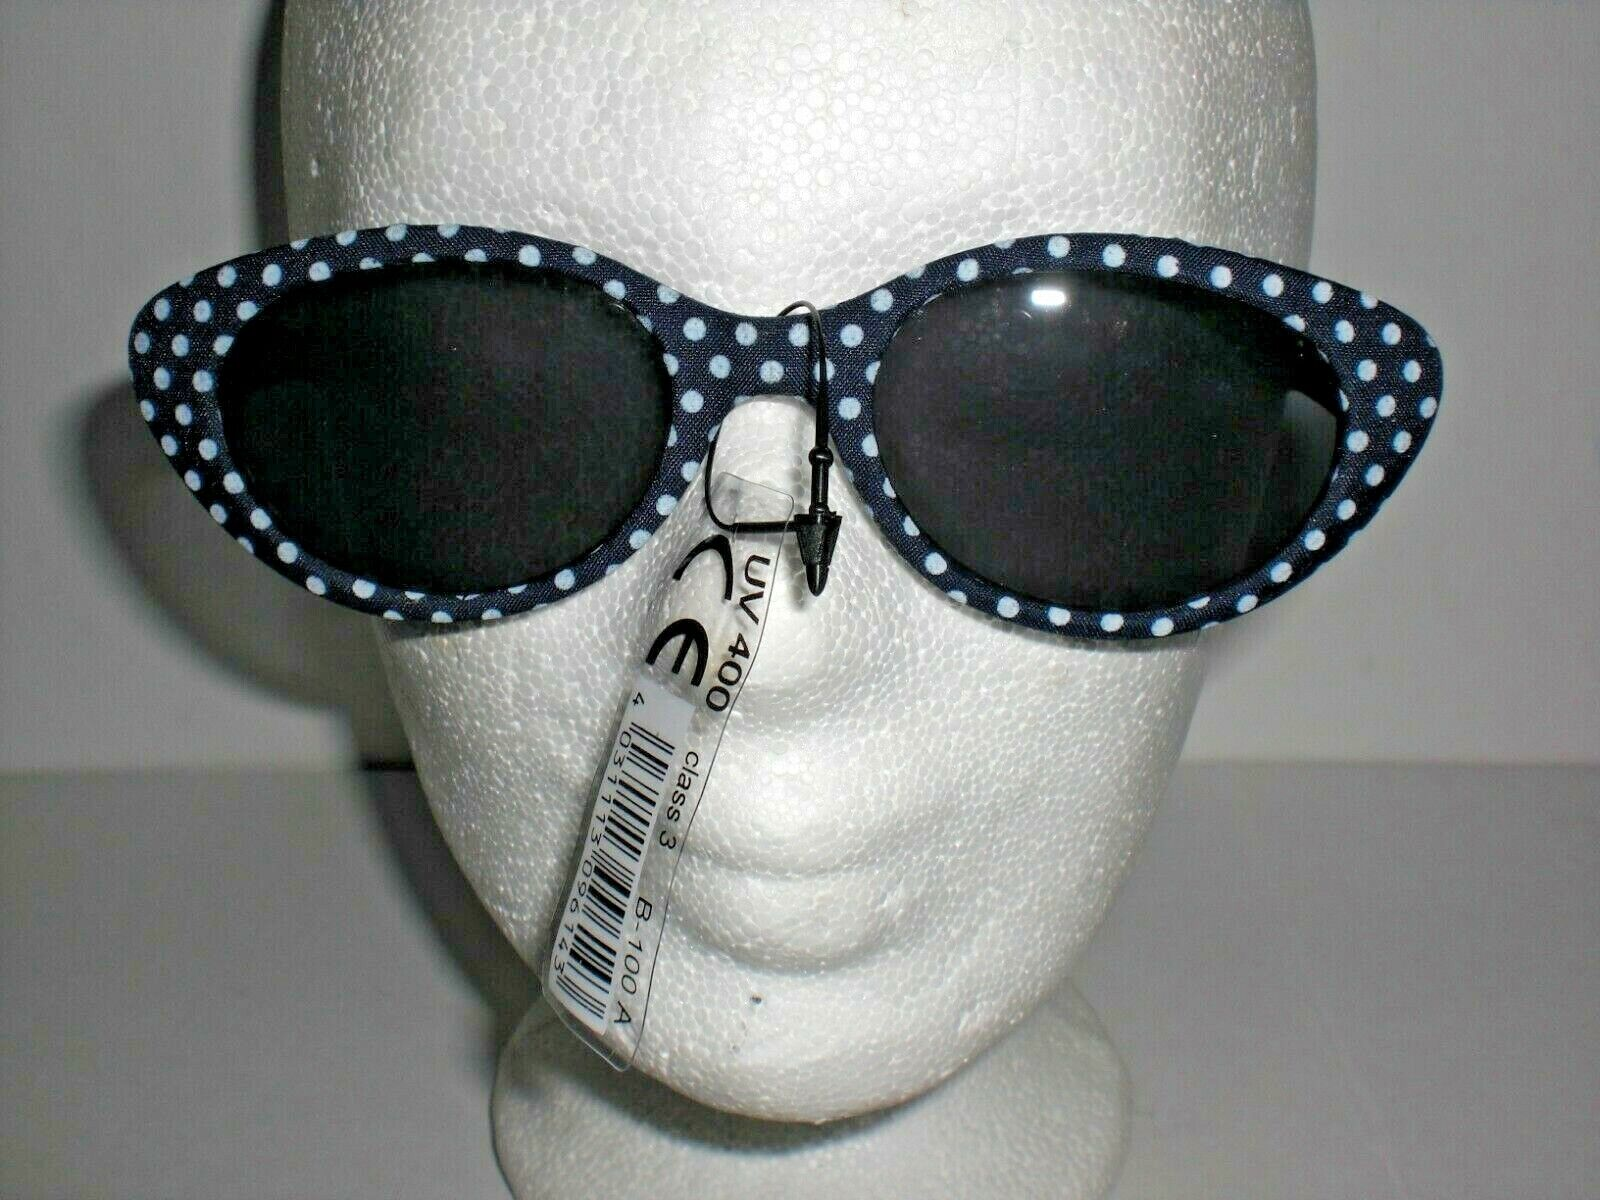 blau oder rote; weiß gepunktete Sonnenbrille, Kunststoff, dunkle Gläser, flippig